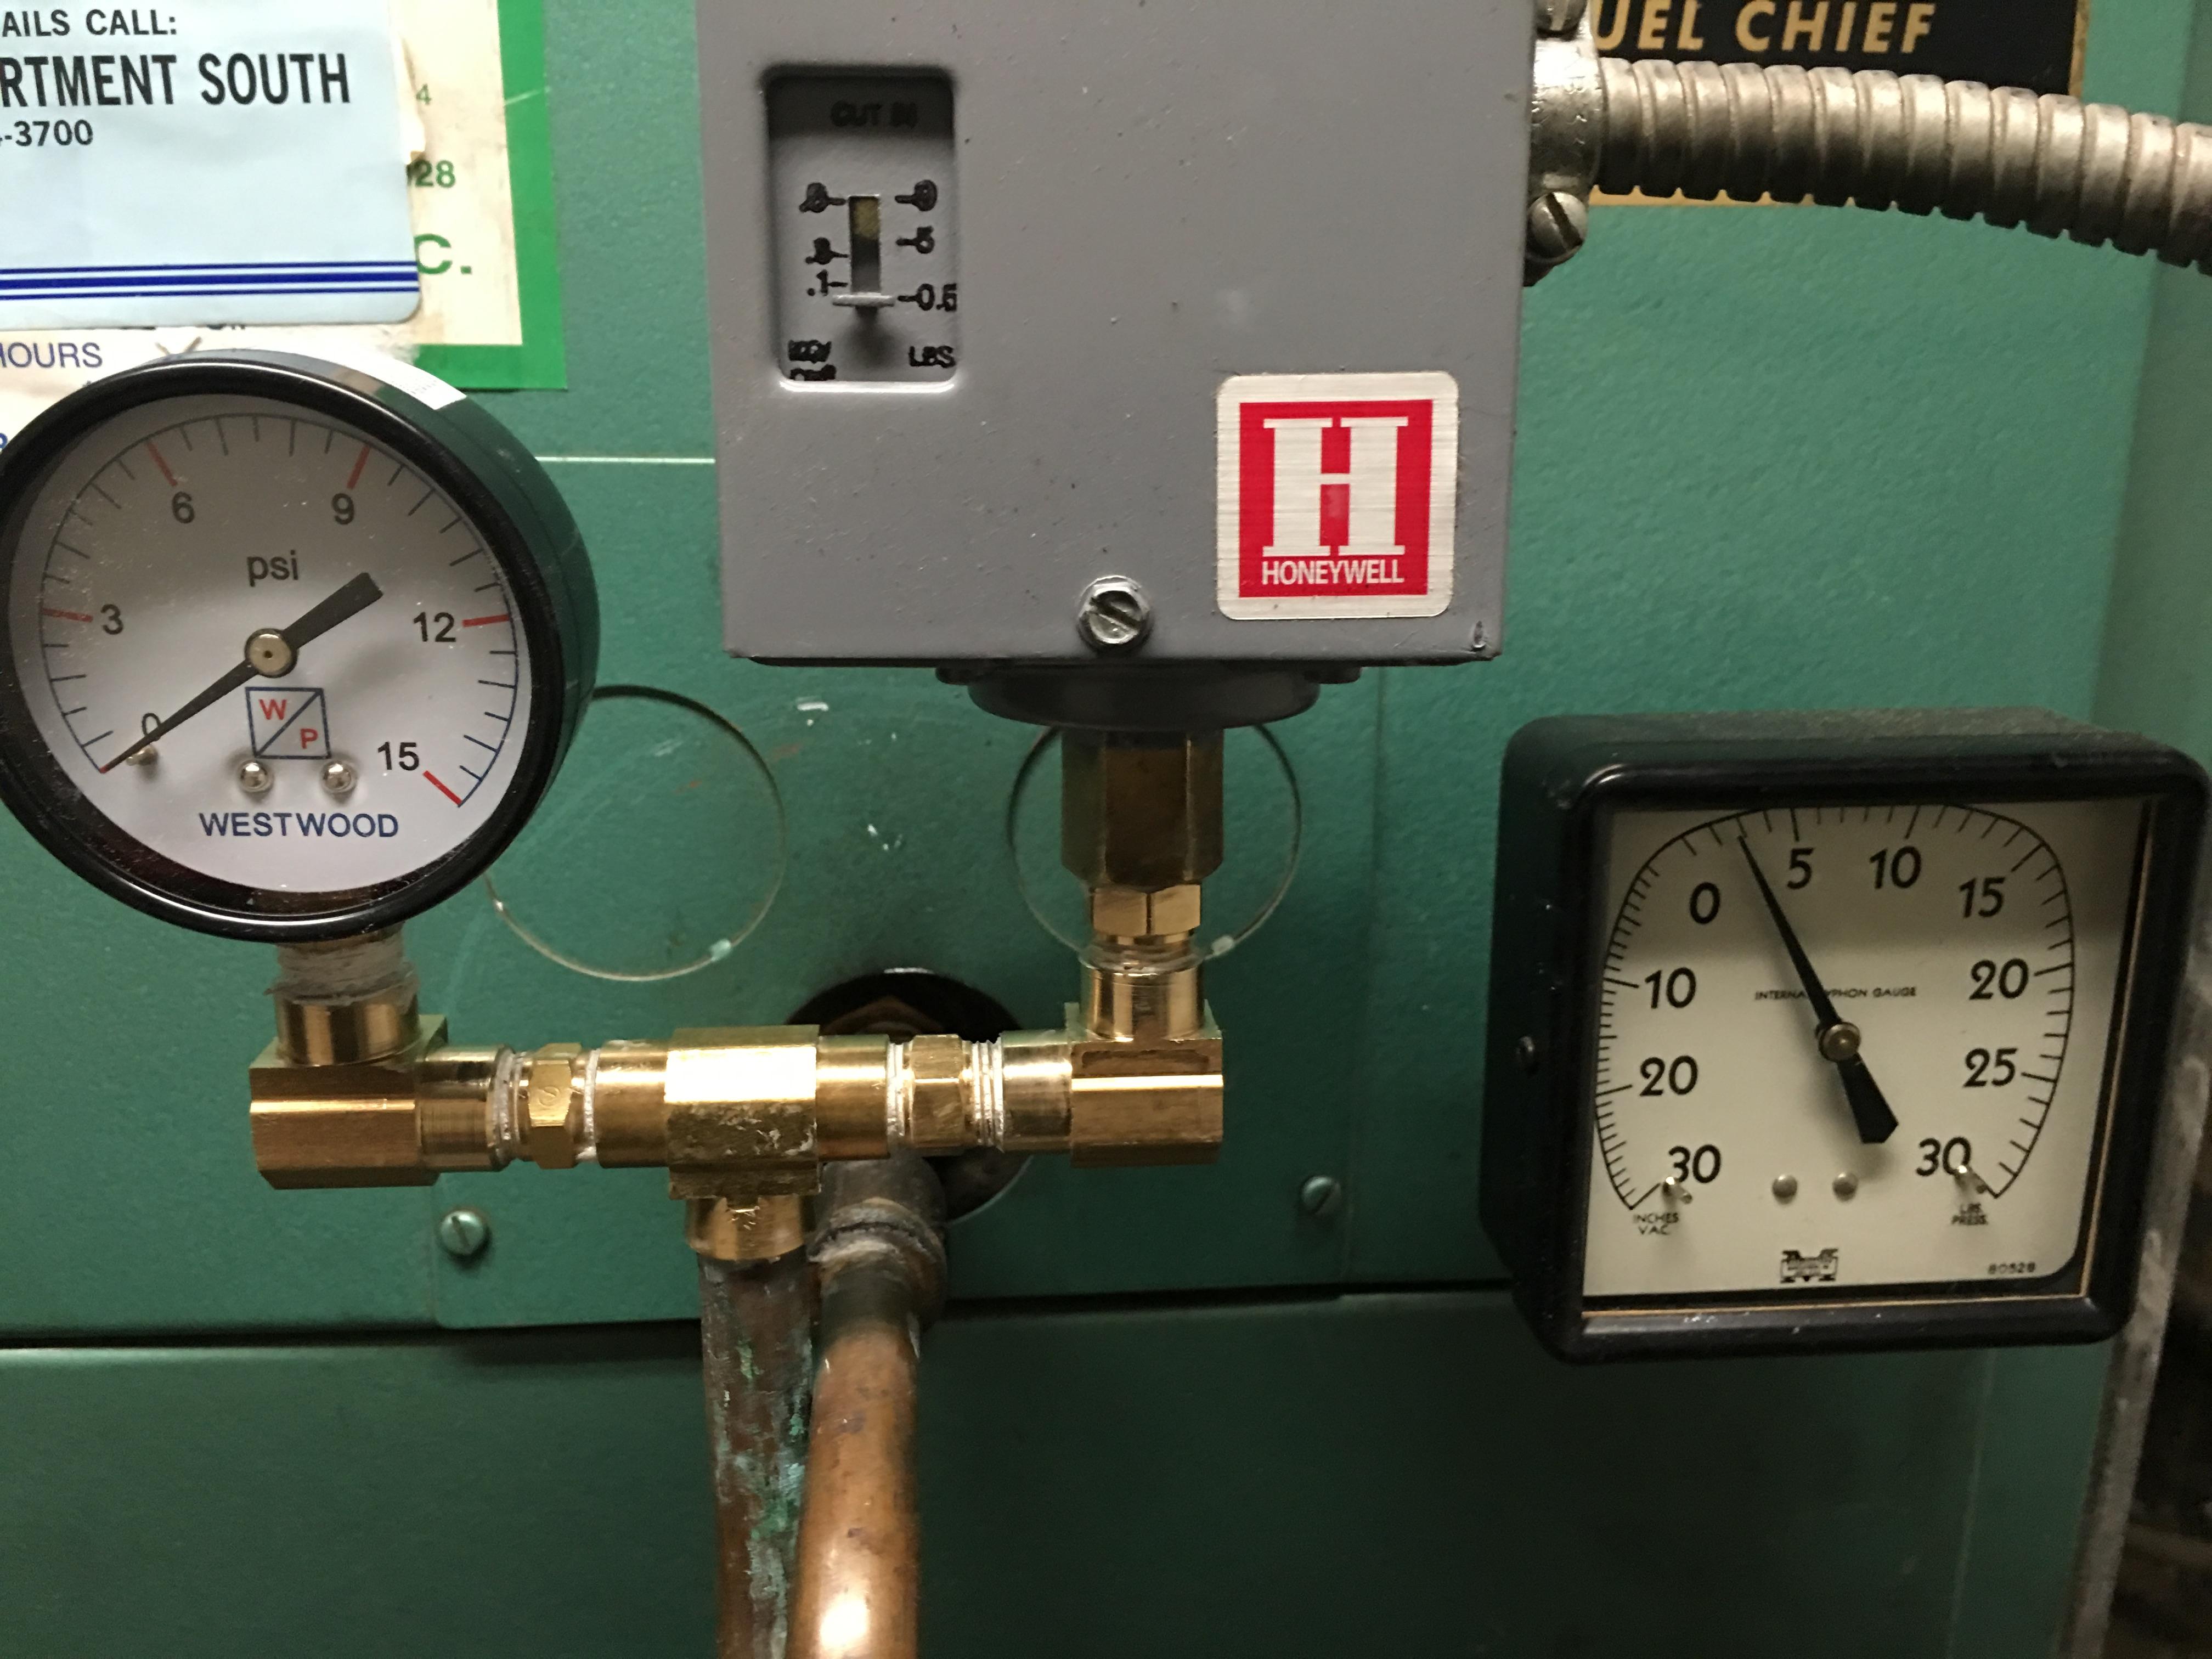 pressuretrol boiler tap pressure vs internal siphon gauge. Black Bedroom Furniture Sets. Home Design Ideas